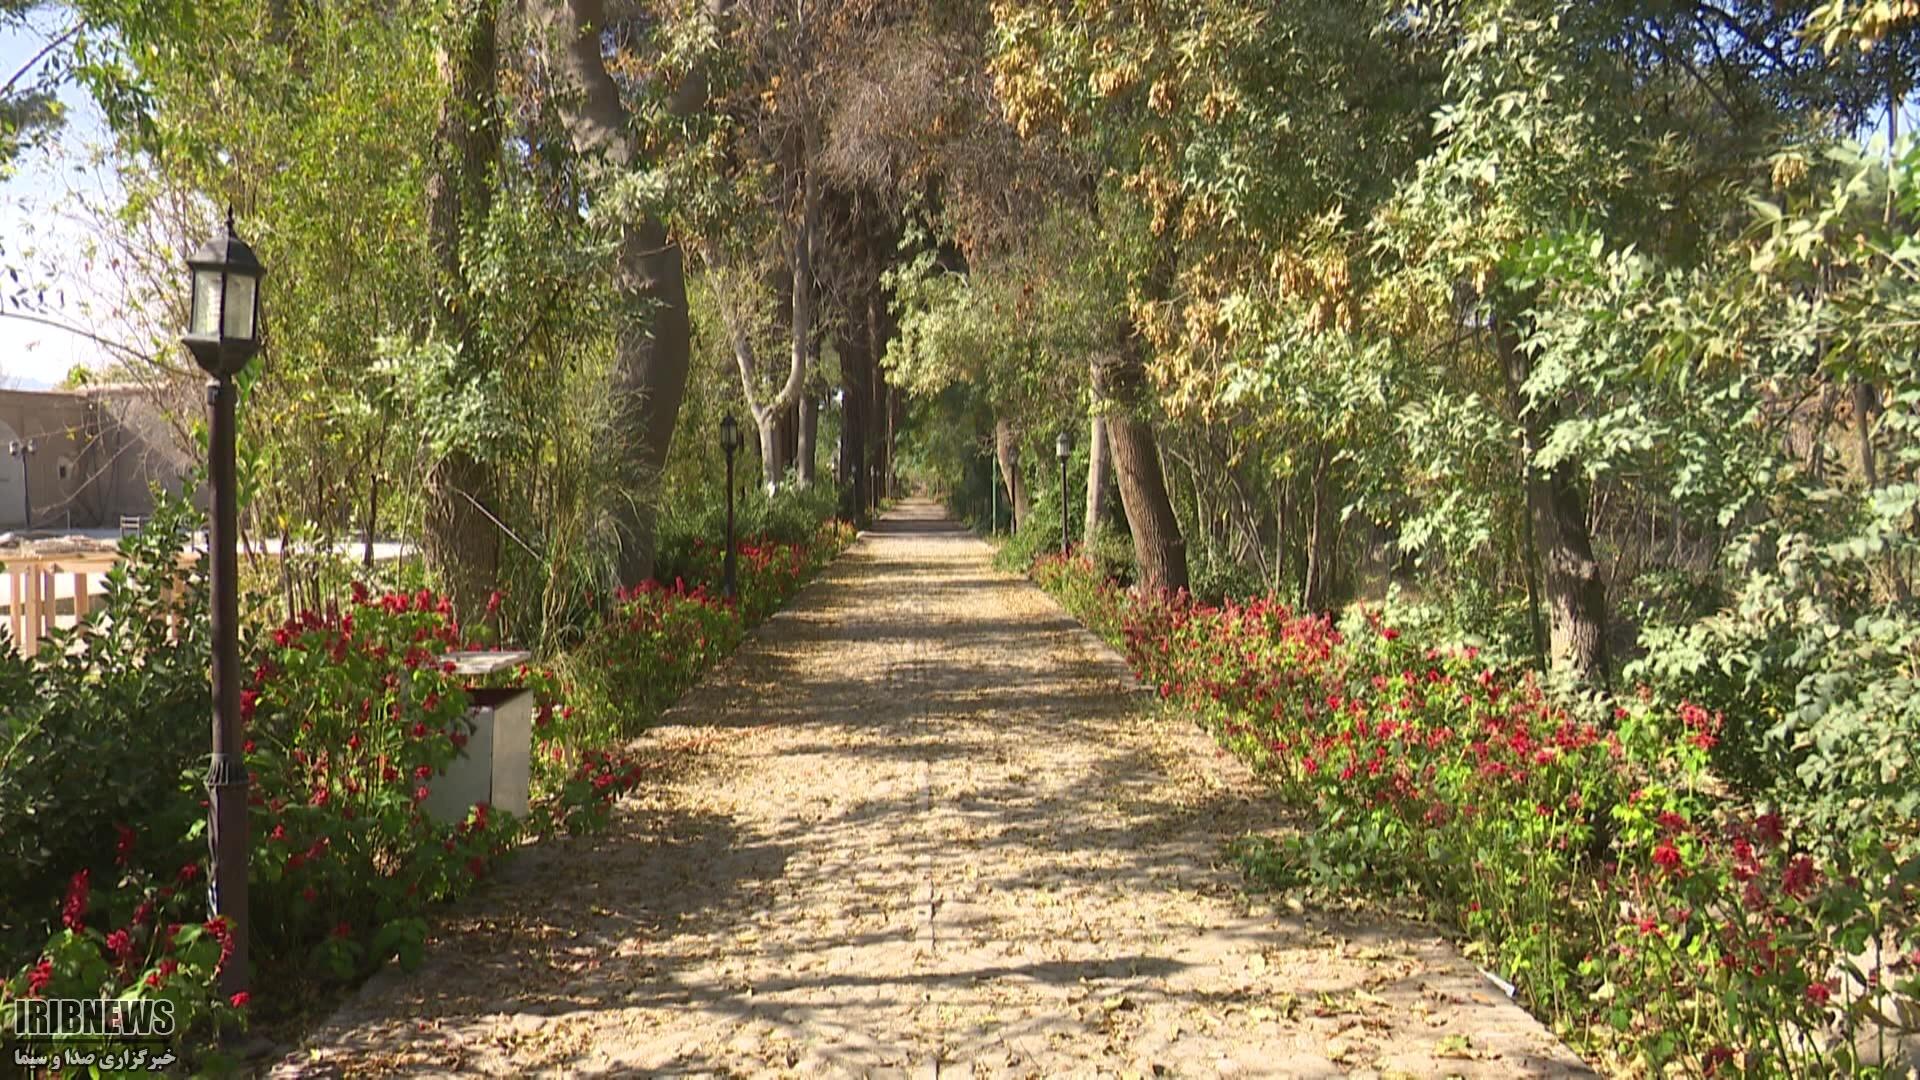 سرمایه گذاری 9 میلیارد تومانی در موقوفه باغ و عمارت شوکتآباد